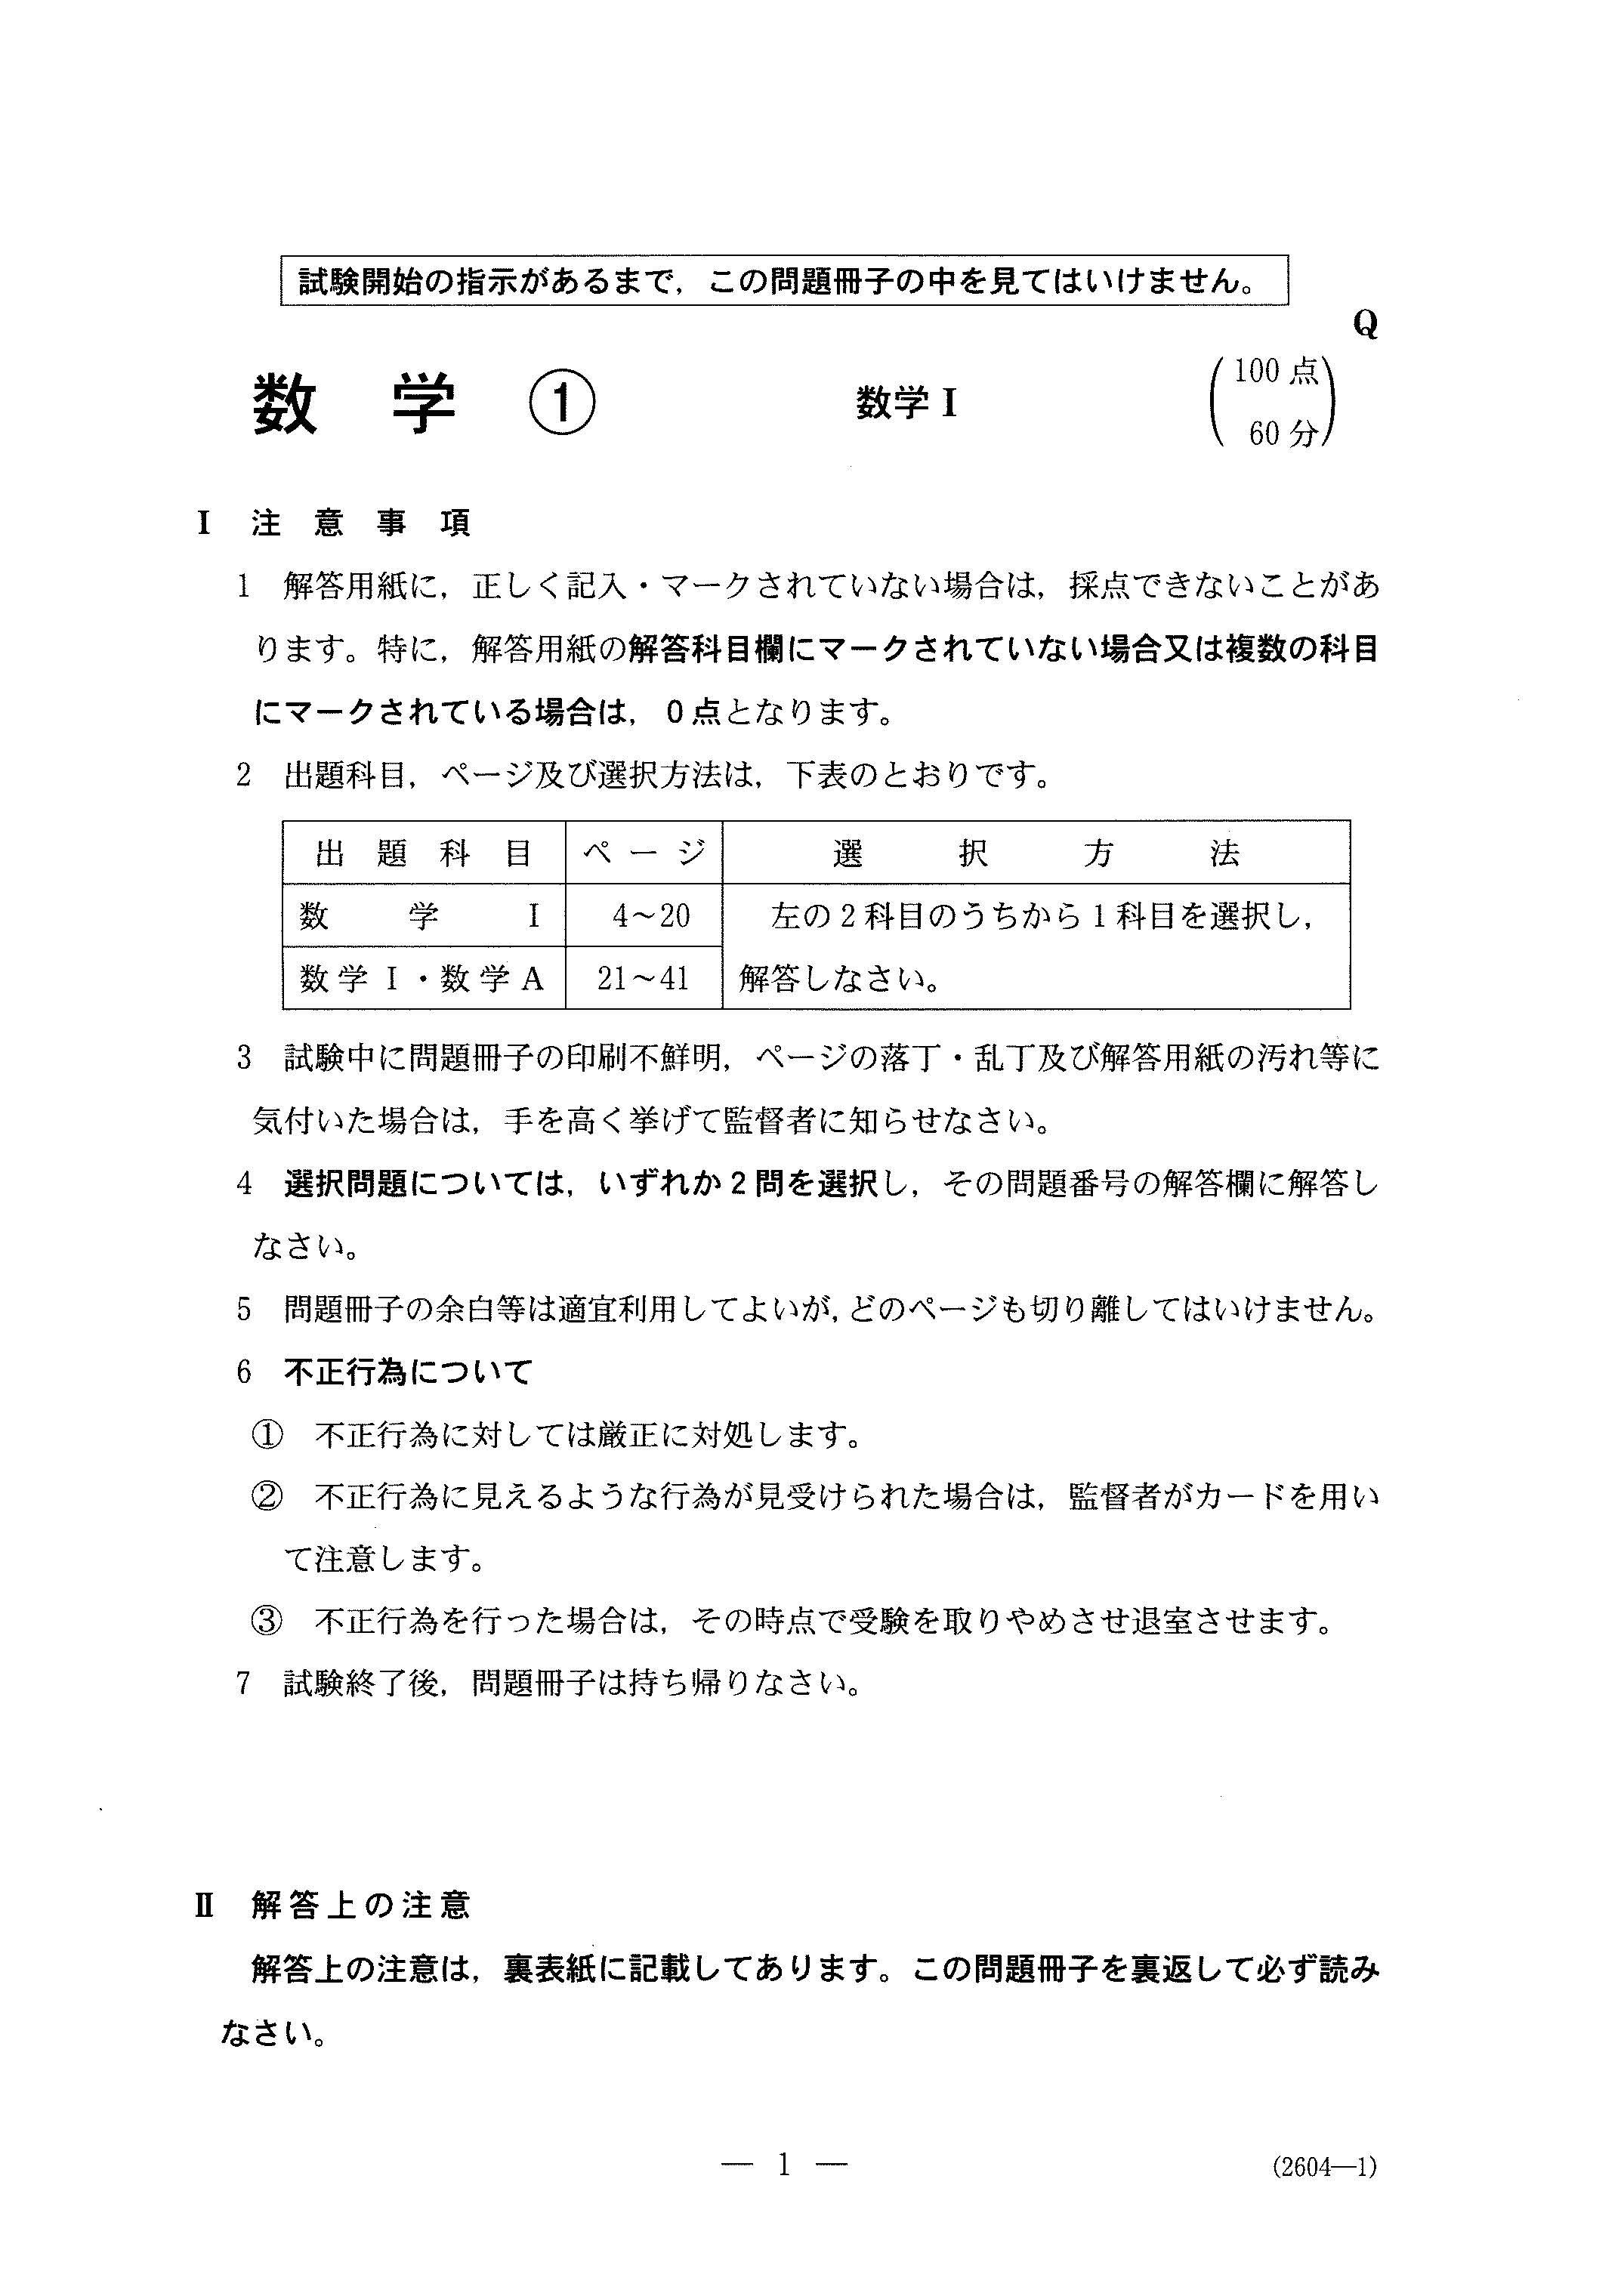 H28数学Ⅰ 大学入試センター試験過去問